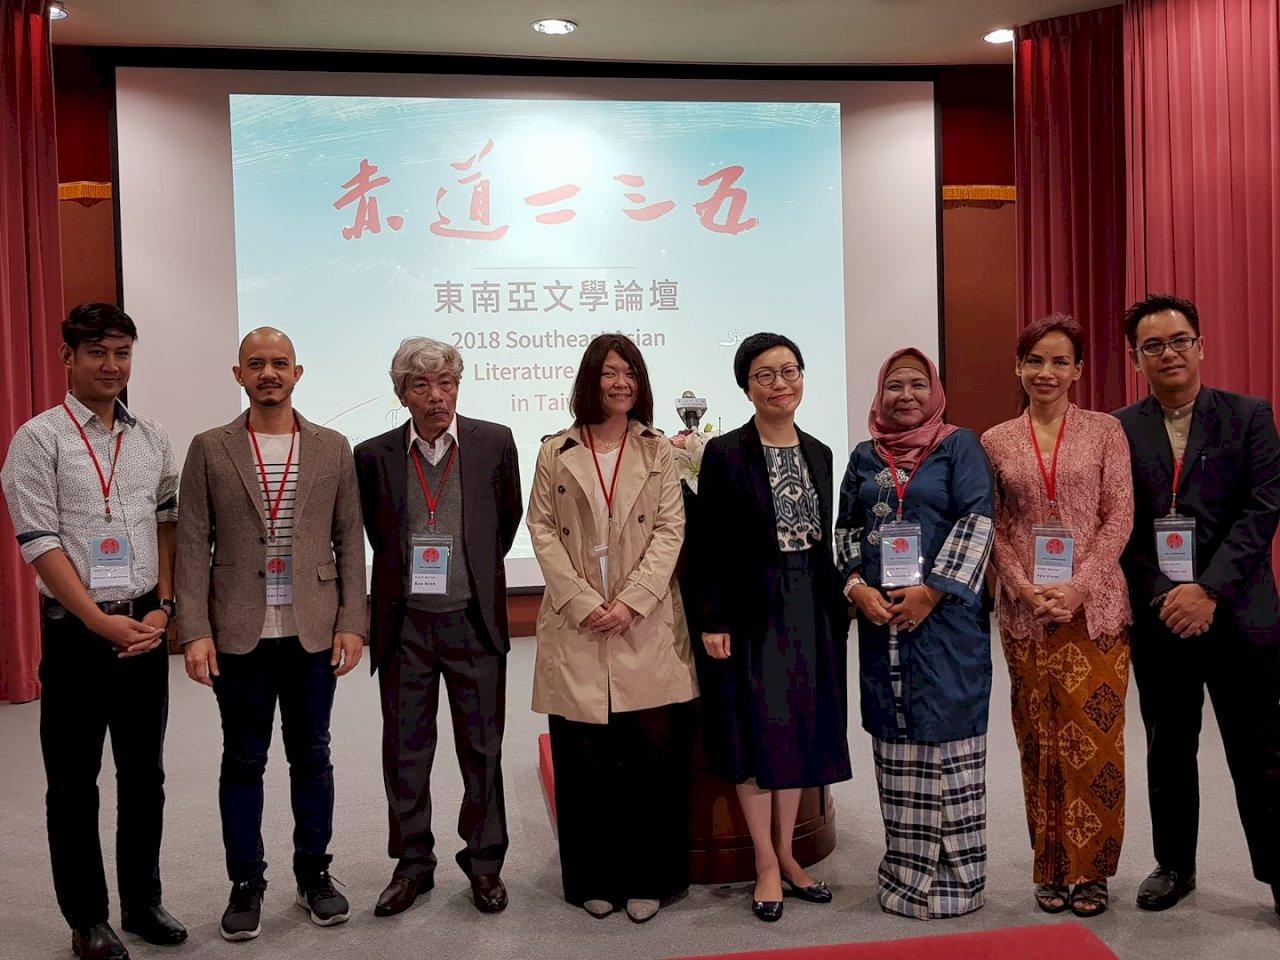 東南亞文學論壇揭幕 激盪全新目光與理解